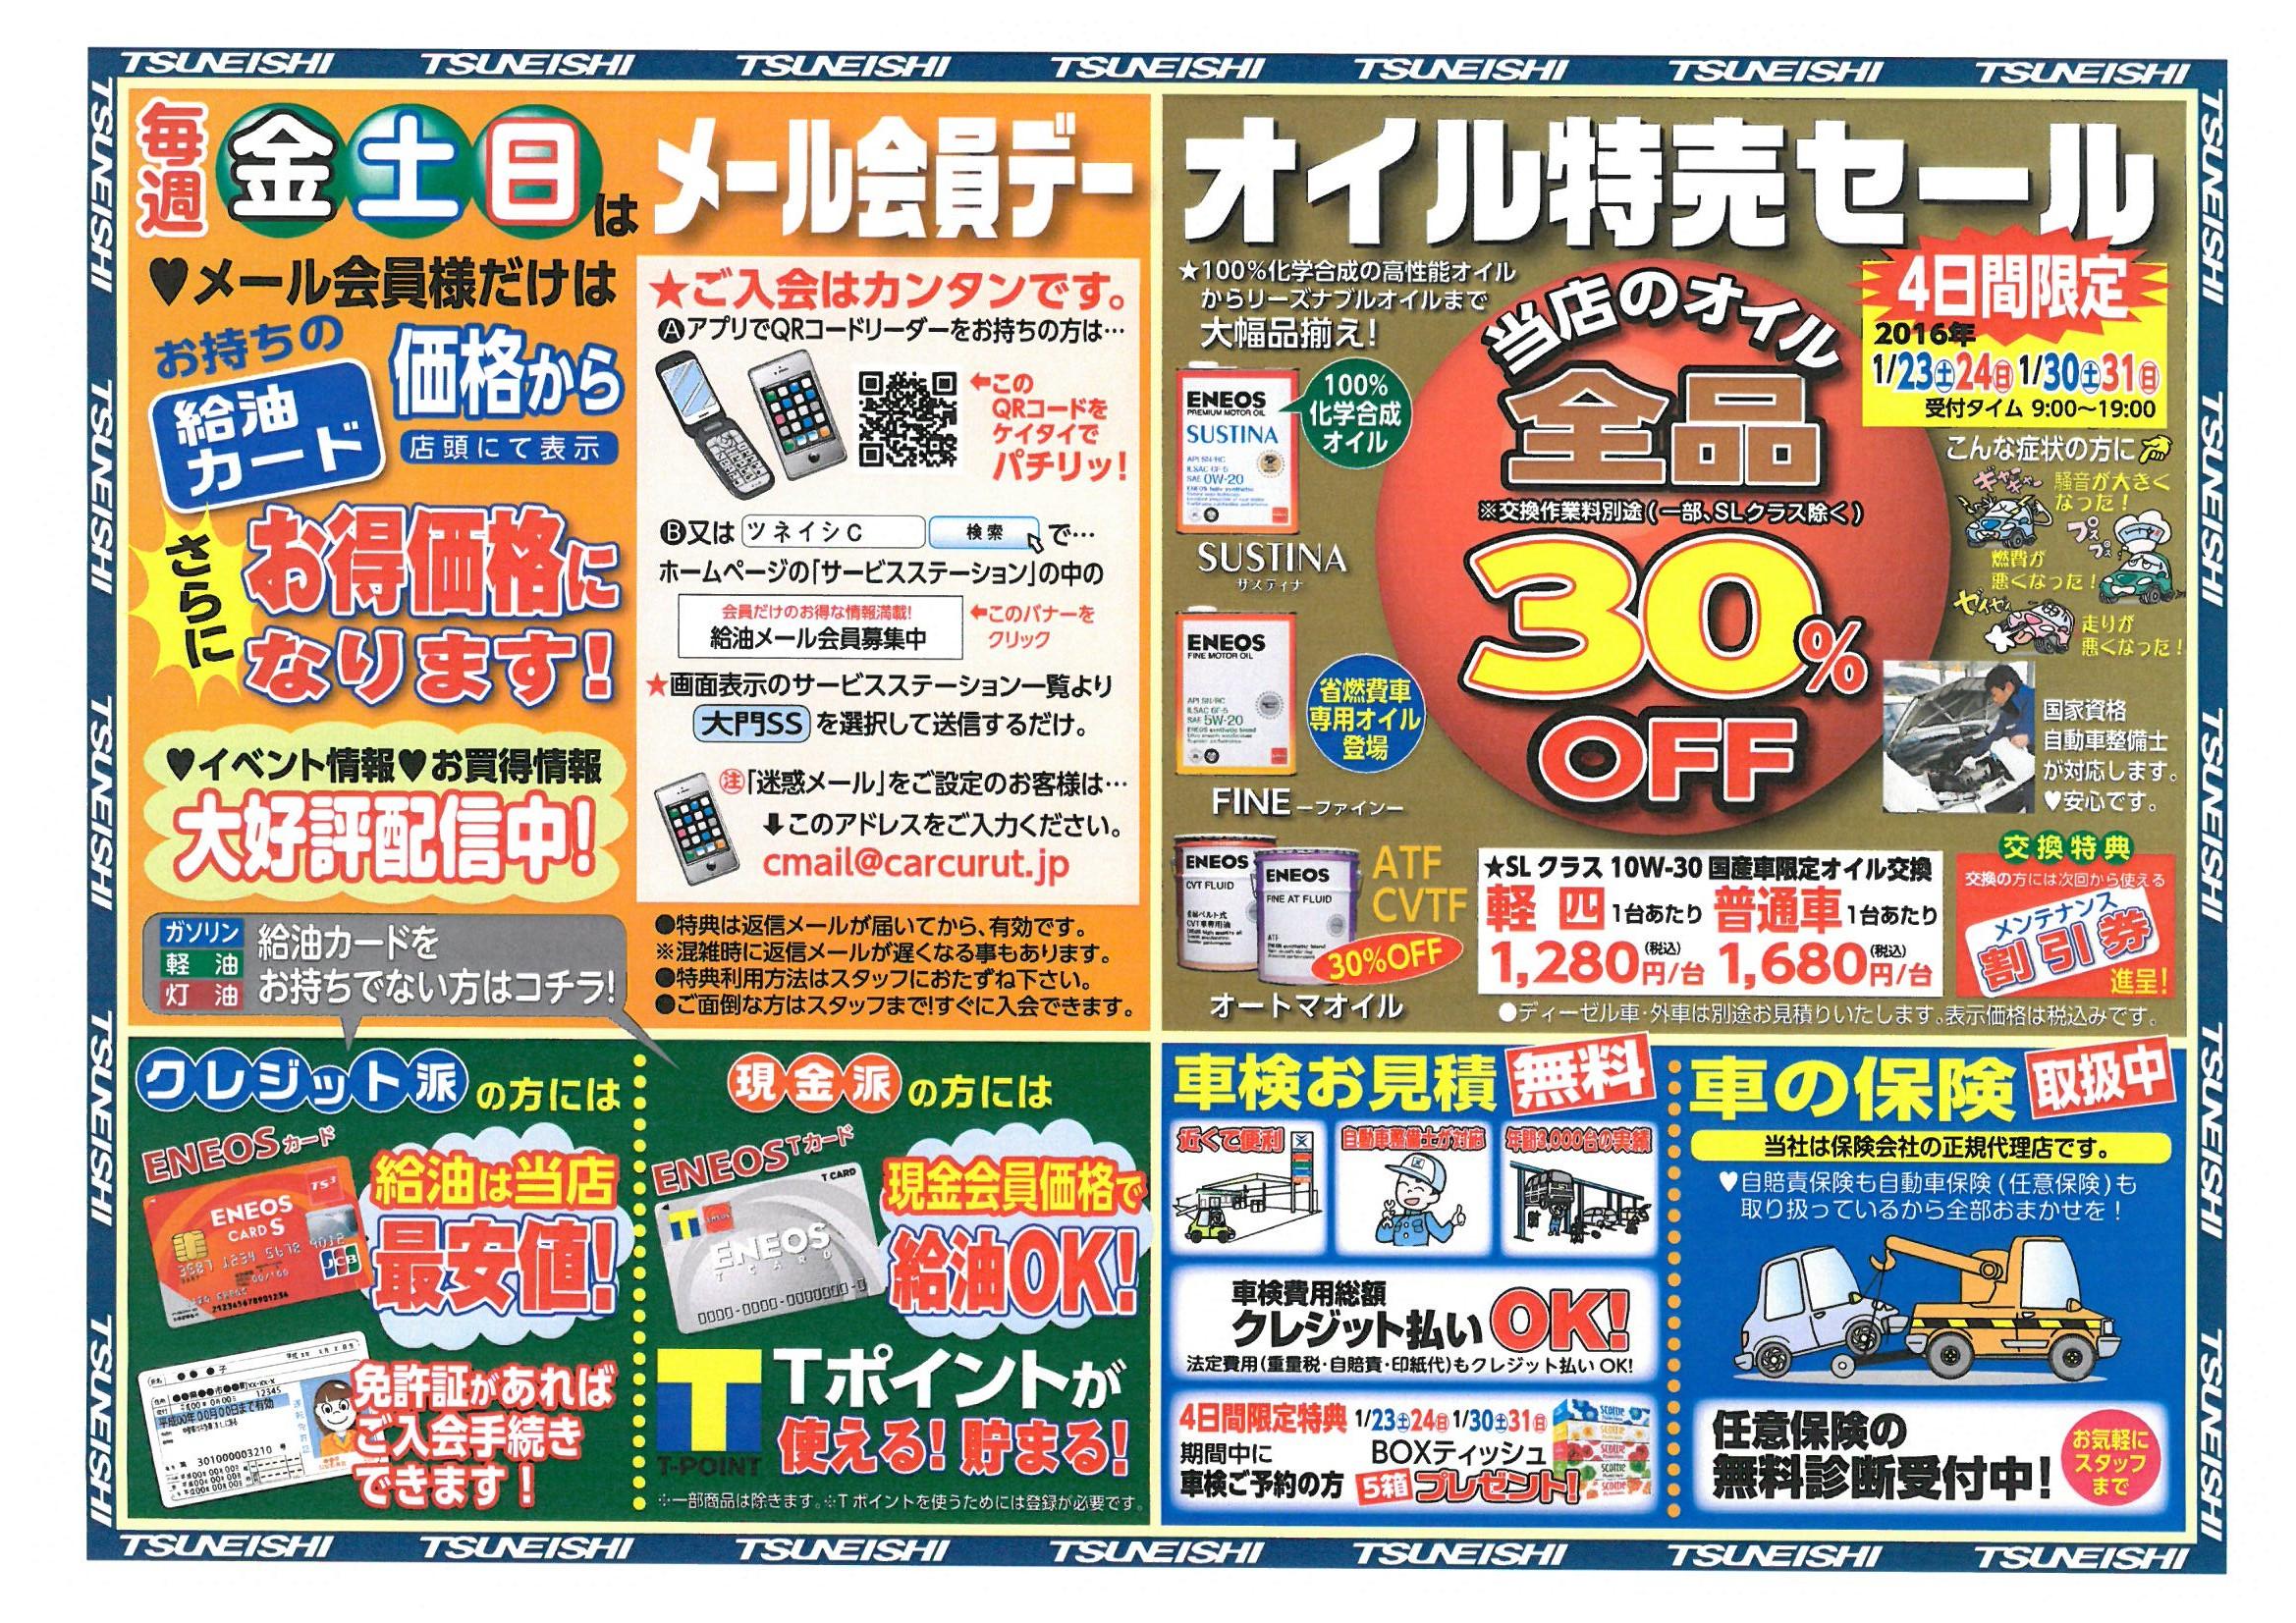 『新春大感謝祭』期間中はオイル全品30%OFF!!